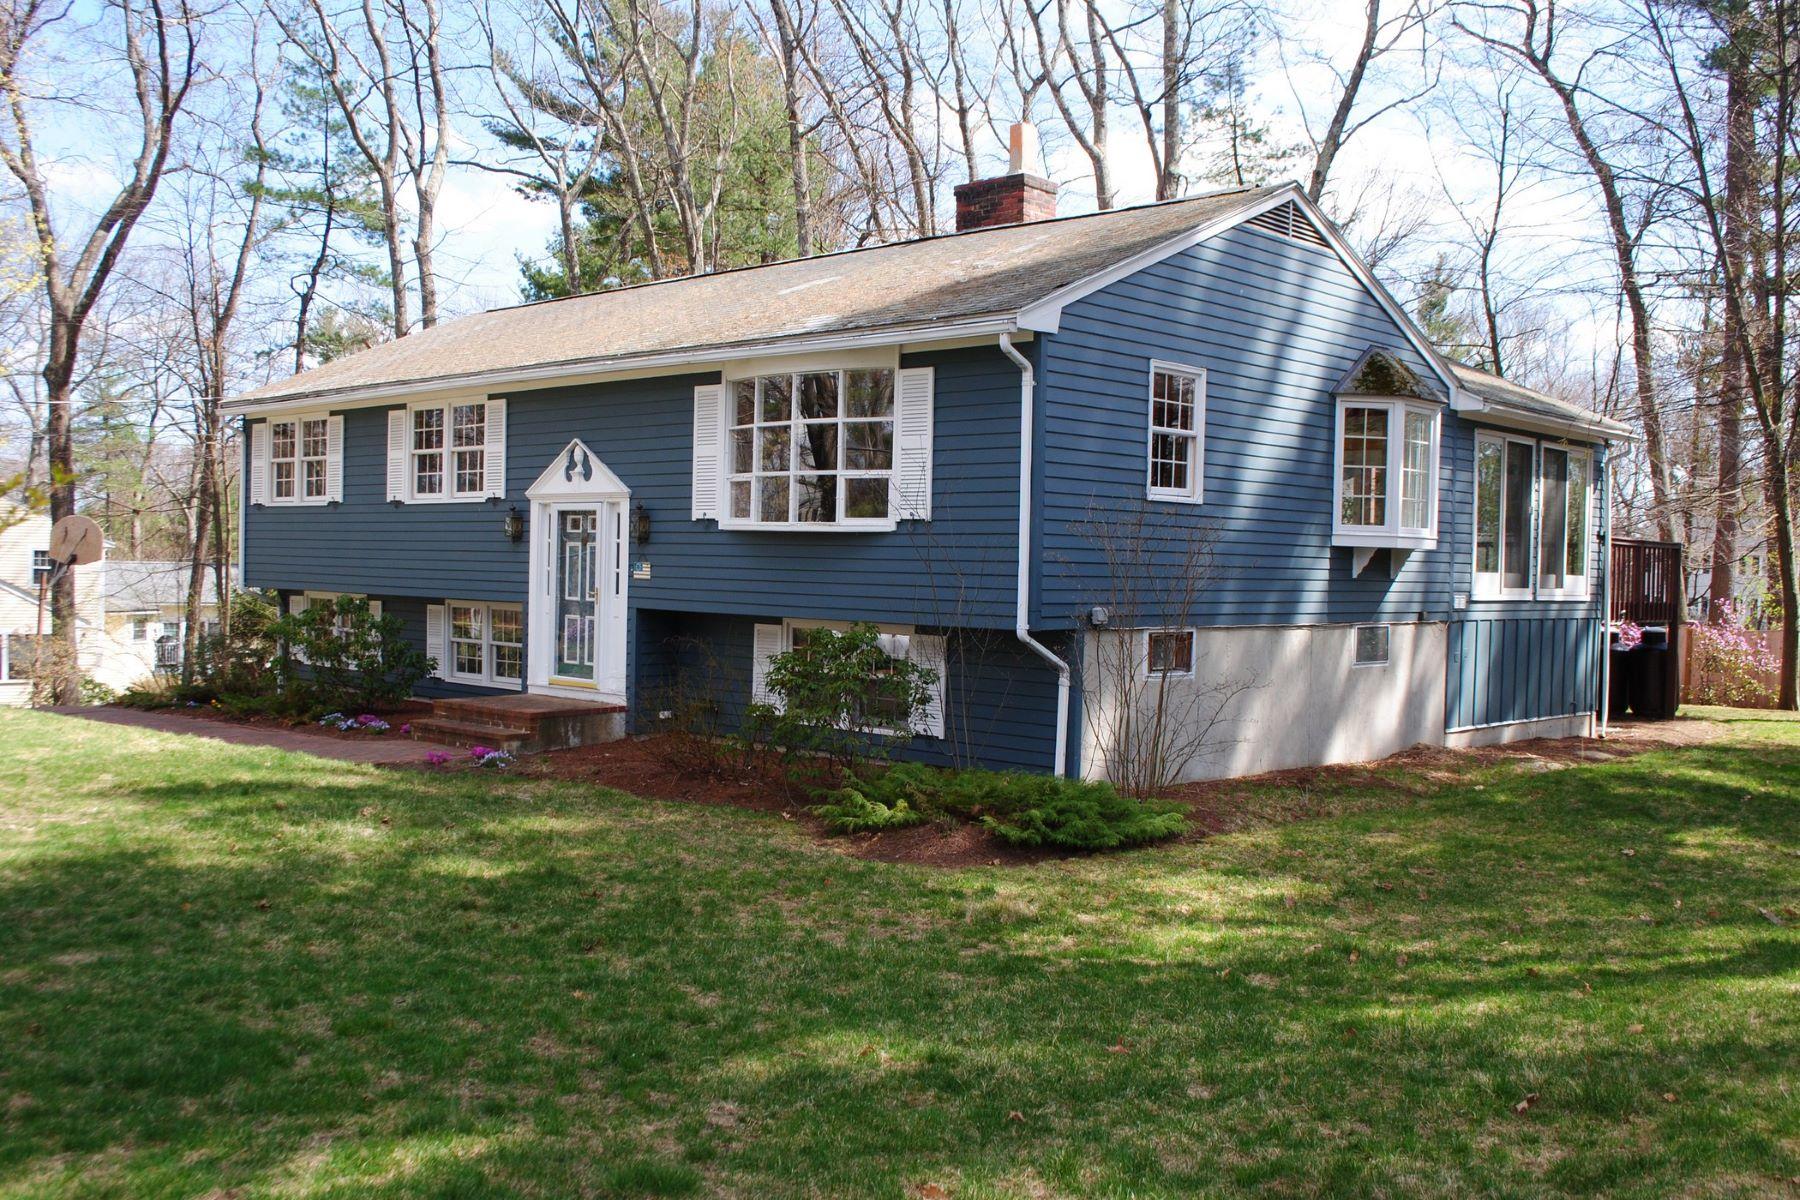 Maison unifamiliale pour l Vente à Close to everything 14 Coolidge Drive Acton, Massachusetts, 01720 États-Unis